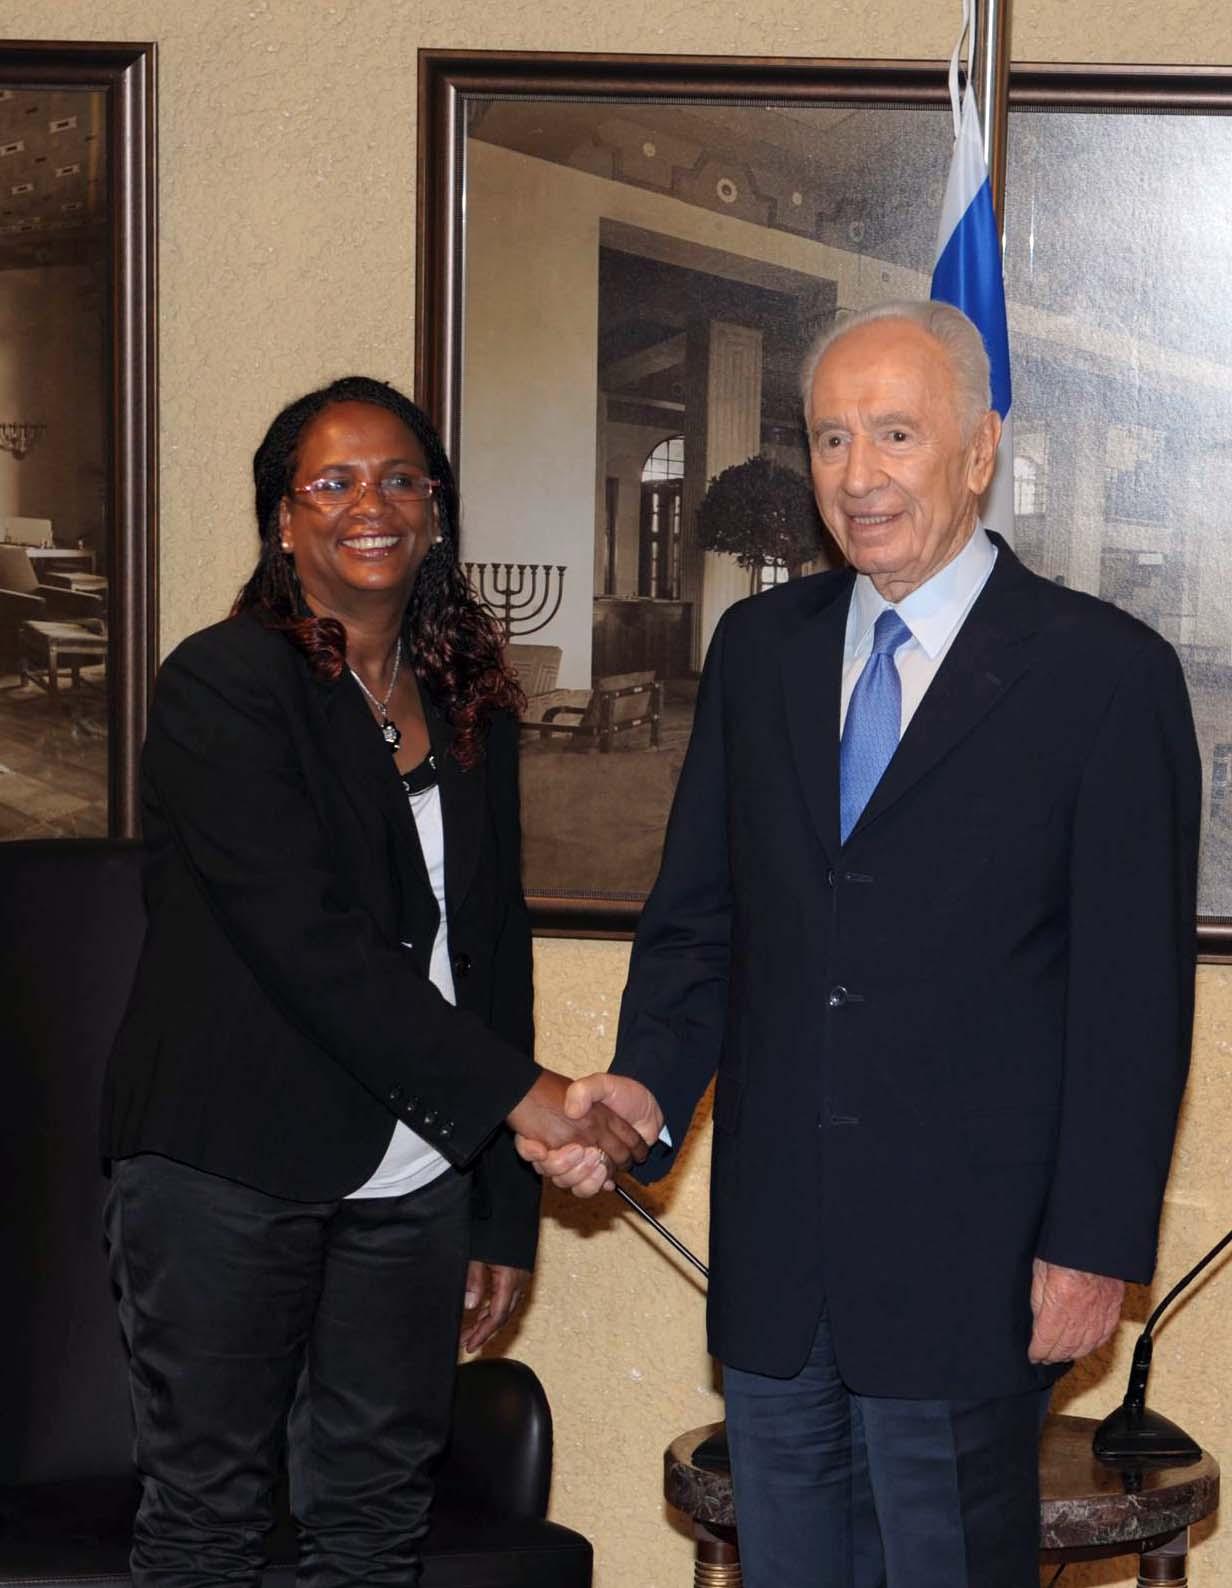 הנשיא פרס בירך את השגרירה הראשונה מעולי אתיופיה, היוצאת לאדיס אבבה